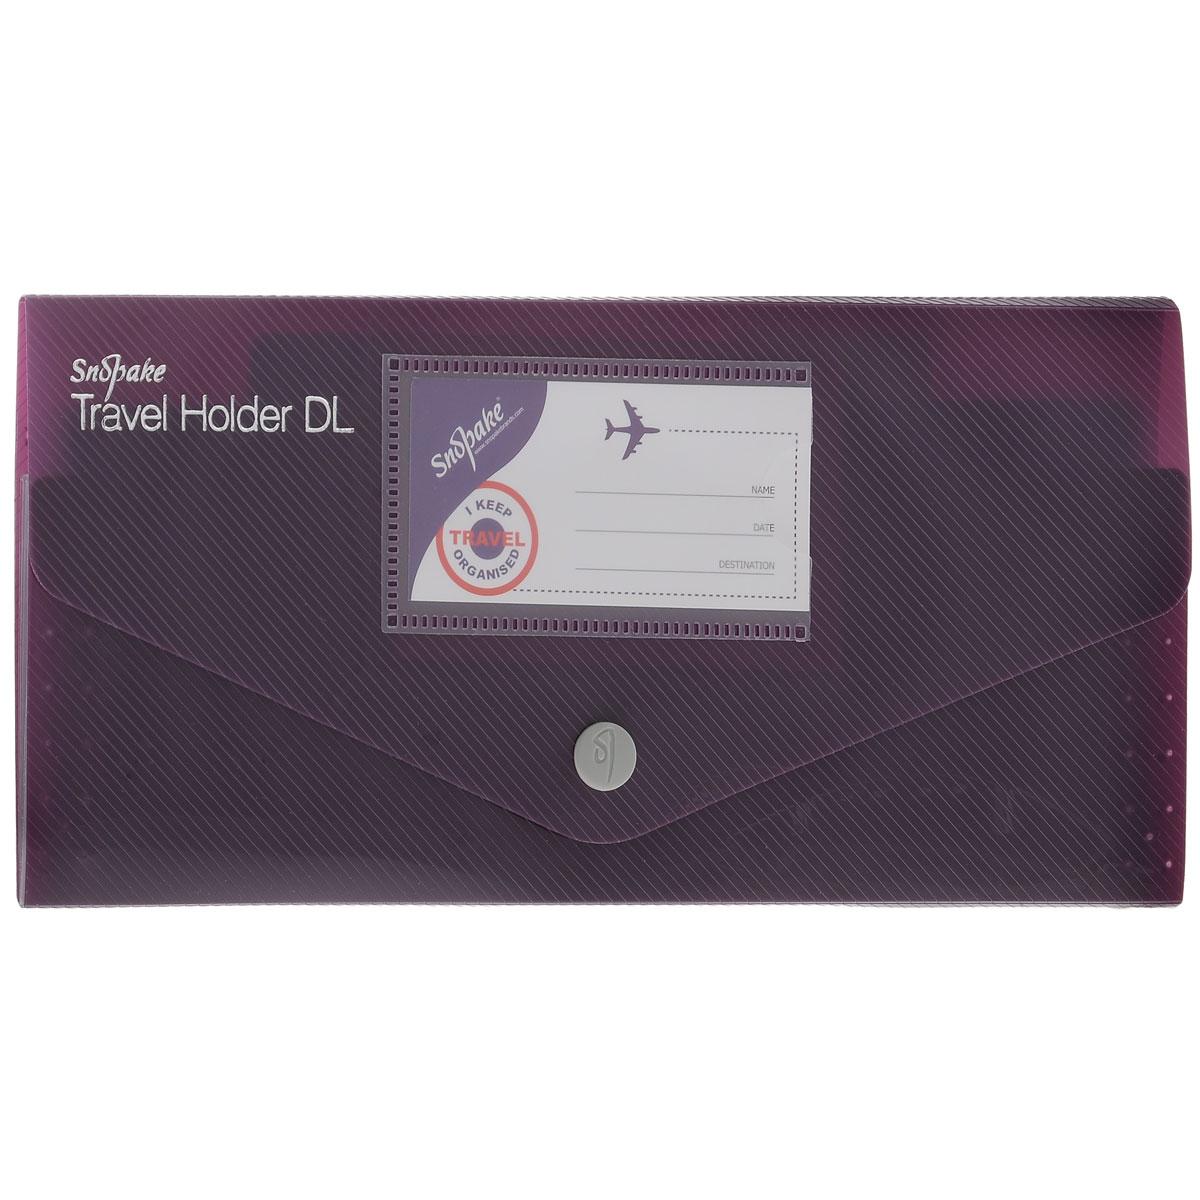 Папка-конверт на кнопке Snopake Fusion DL Travel Holder, цвет: фиолетовыйK15699_фиолетовыйПапка-конверт на кнопке Snopake Fusion DL Travel Holder - это удобный и функциональный офисный инструмент,предназначенный для хранения и транспортировки документов.Папка изготовлена из износостойкогополипропилена с рельефной текстурой, закрывается клапаном на кнопку.Содержит три отделения: дляпаспорта, билетов и страхового полиса. На внутренней стороне клапана находится карман для кредитнойкарточки, на внешней - для визитной.Папка-конверт - идеальный вариант для путешествий. Такая папканадежно сохранит ваши документы и сбережет их от повреждений, пыли и влаги. Она сочетает в себеклассический дизайн и неизменно высокое качество Snopake.